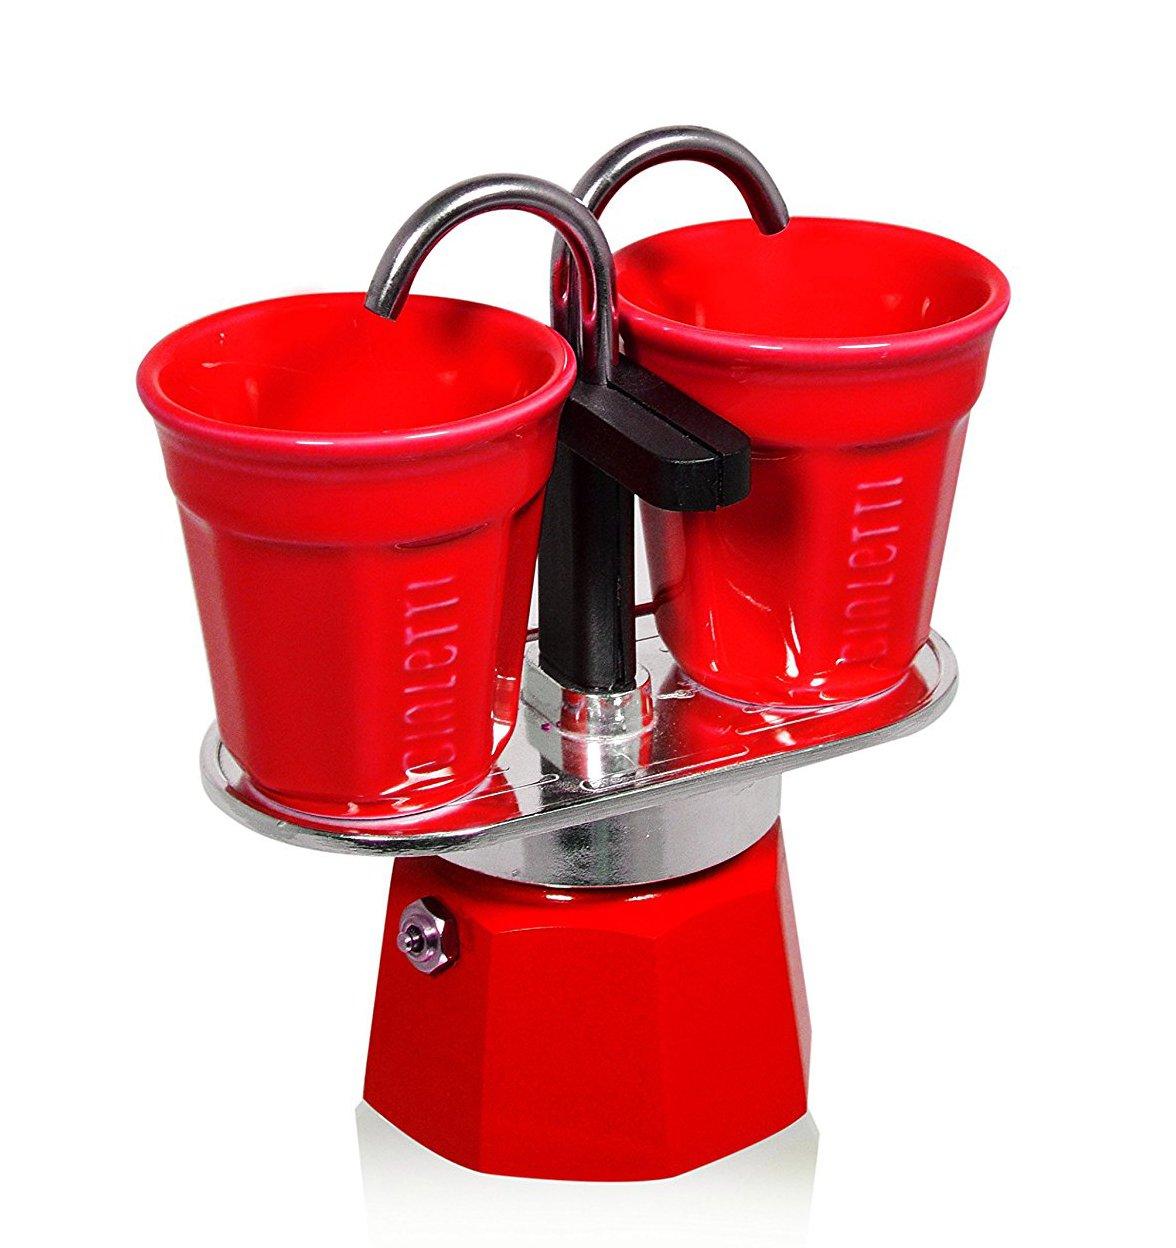 Bialetti Mini Express Set cafetera de Aluminio 2 Tazas Color Rojo con 2 vasitos para el caf/é Color Rojo